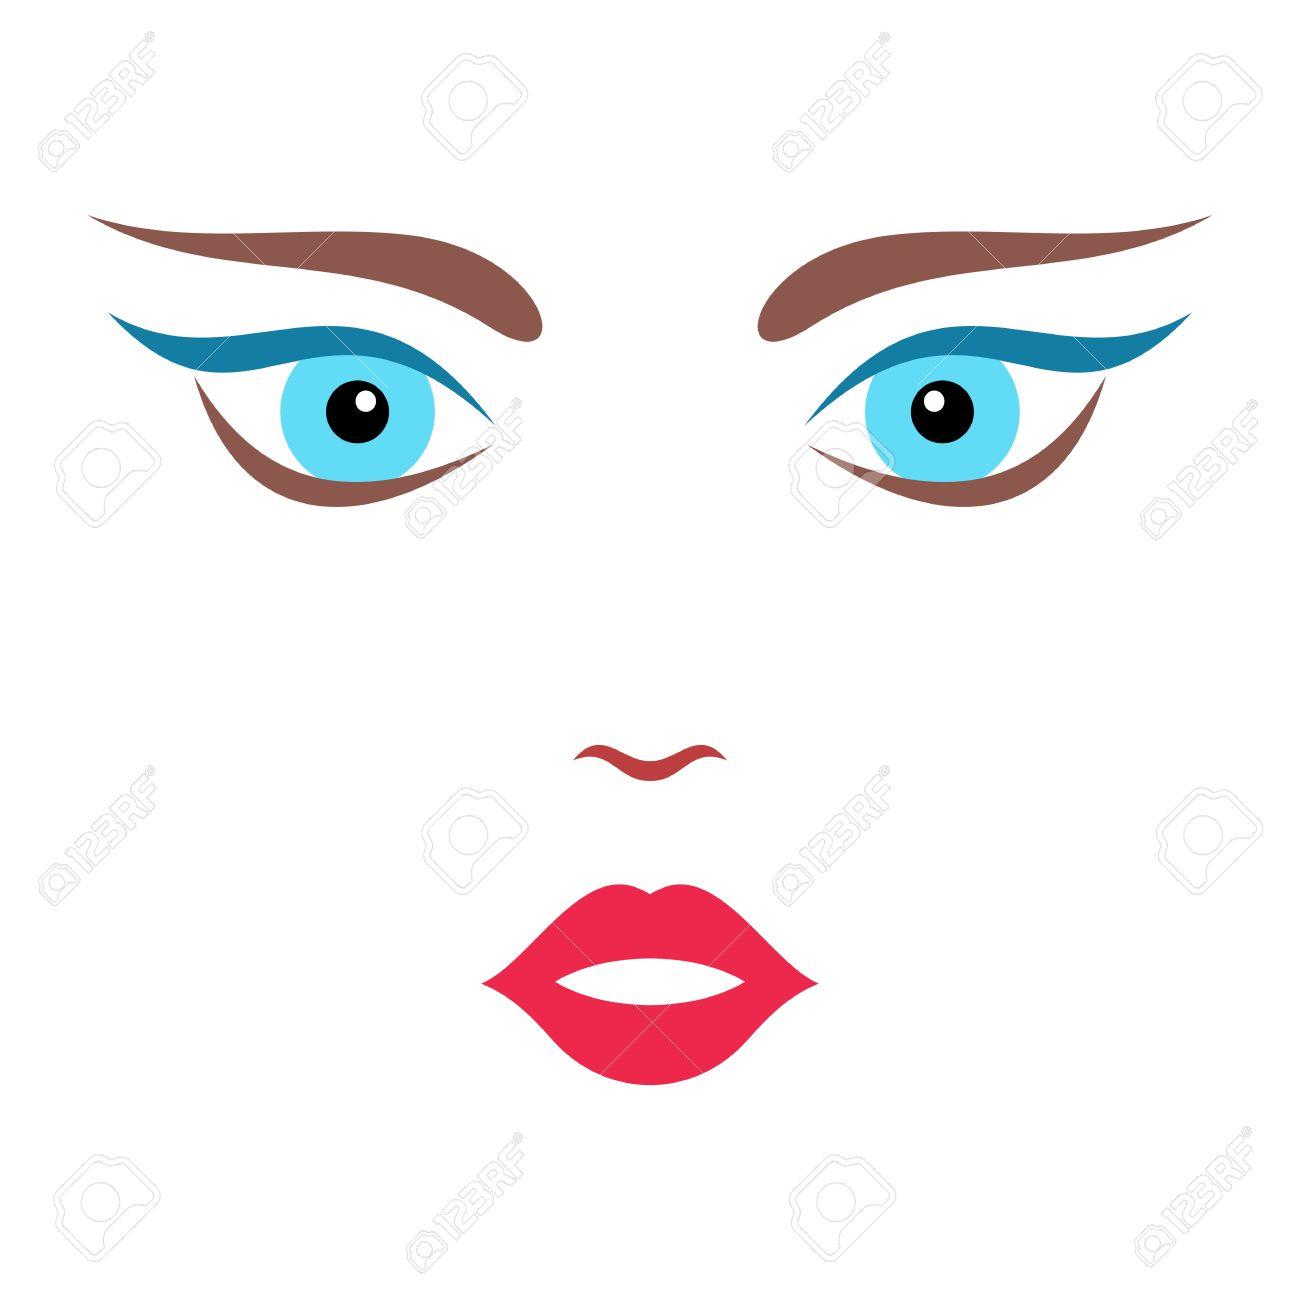 beautiful cartoon colorful woman face vector illustration royalty rh 123rf com cartoon woman face vector cartoon woman face illustration